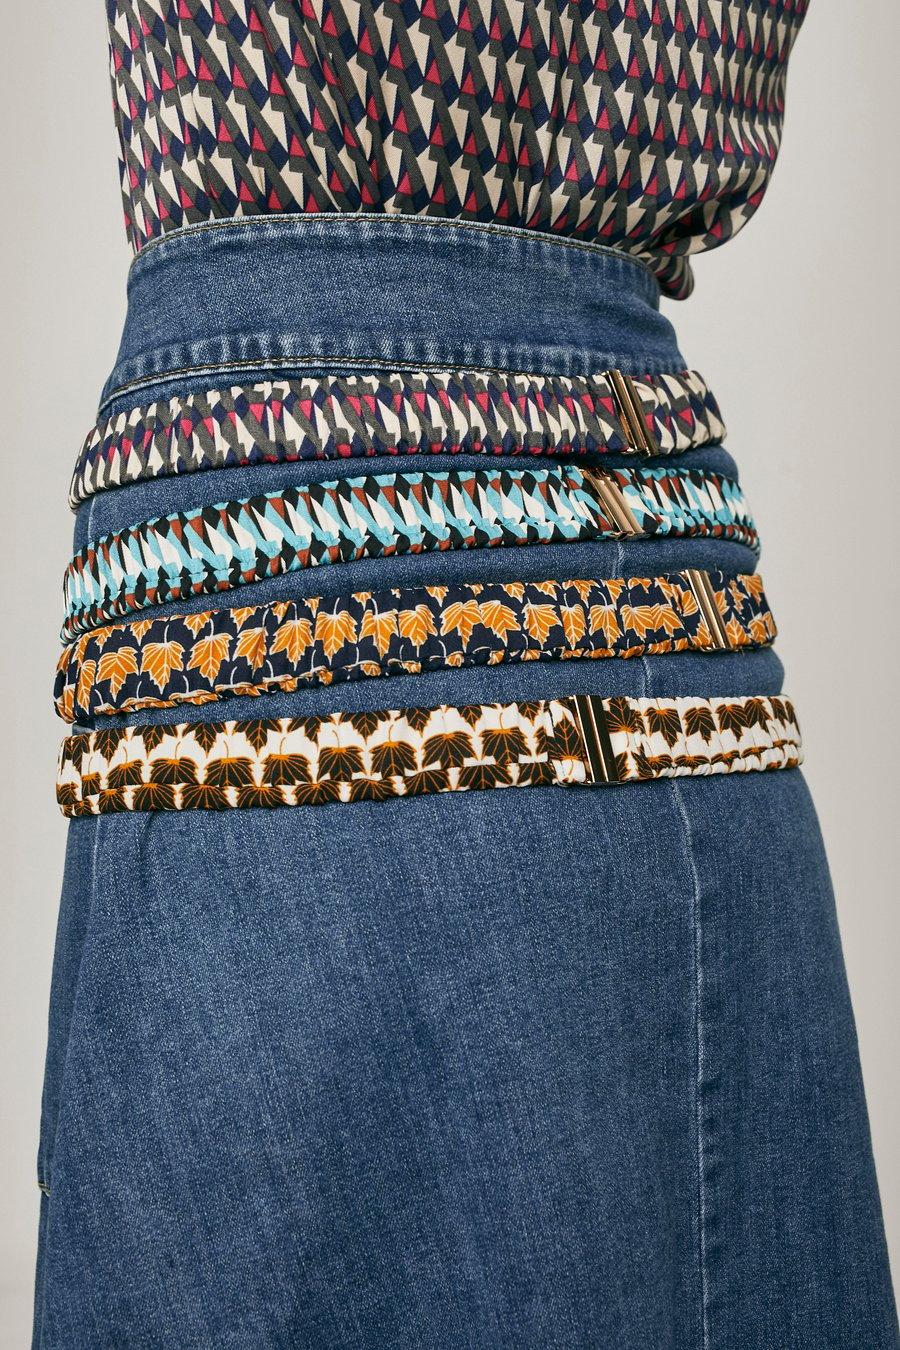 Image of Cinturones elásticos de tela